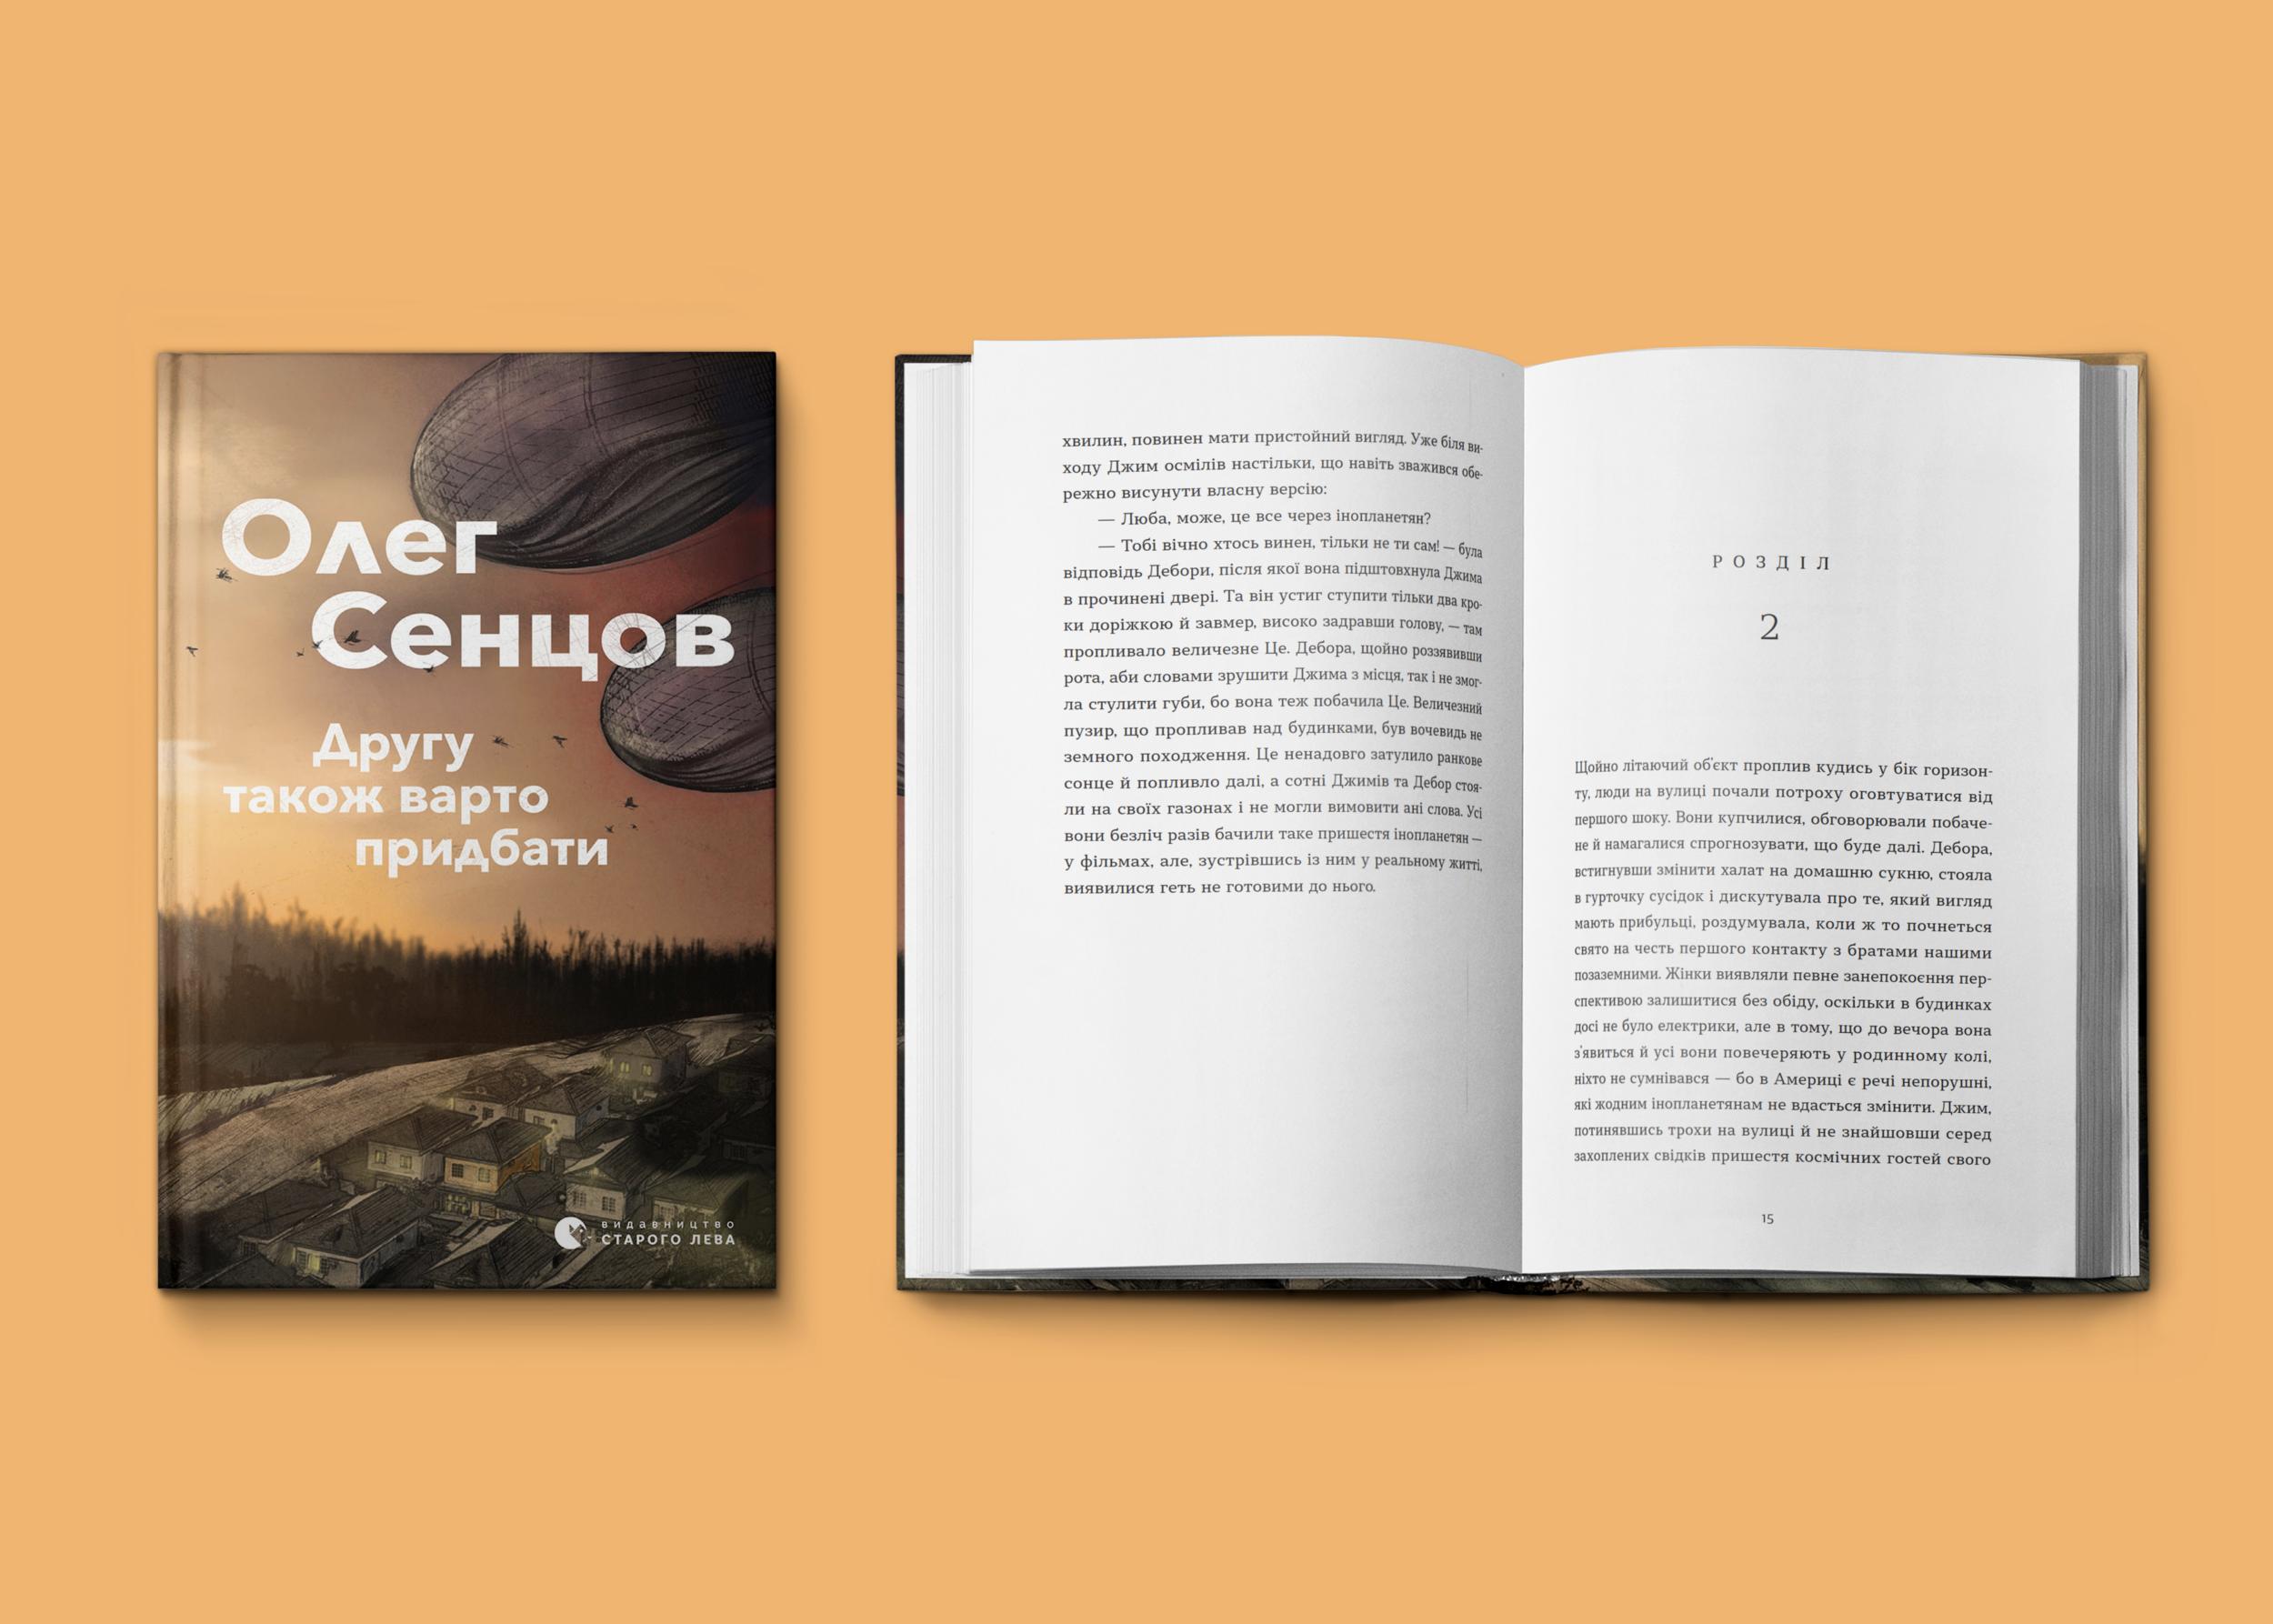 Олег Сенцов випустить книгу, яку написав під час ув'язнення